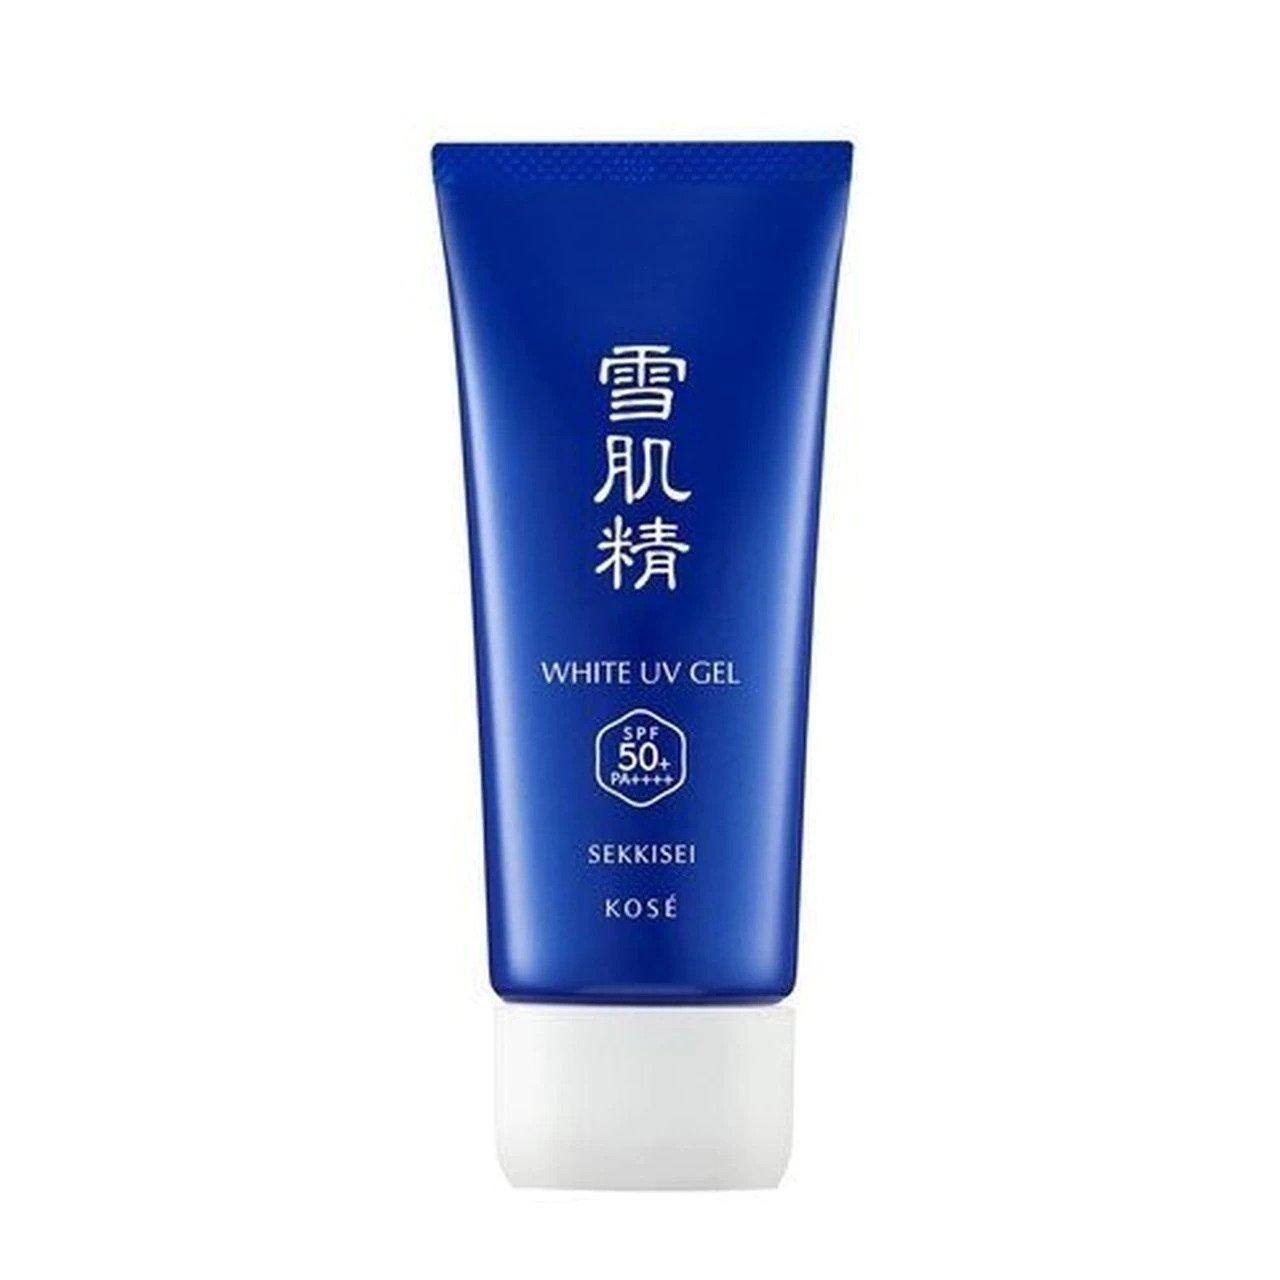 Kose Sekkisei White UV Gel SPF50+/PA++++